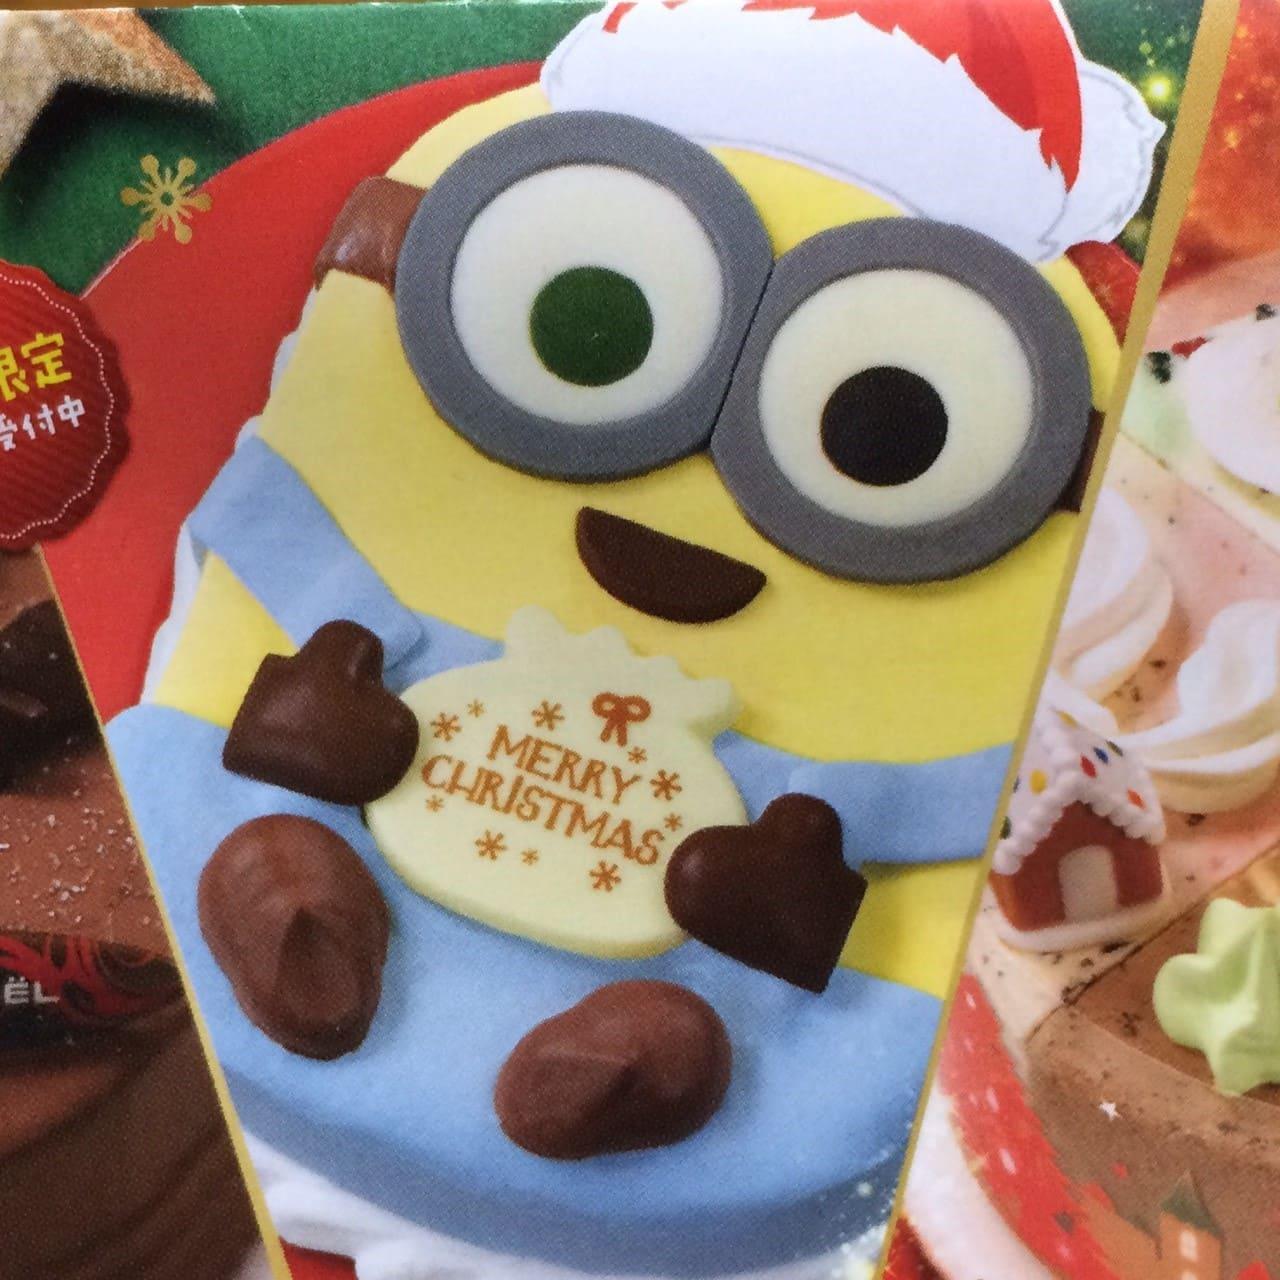 2018サーティワンの全クリスマスケーキ値段をズバリ紹介!お得な